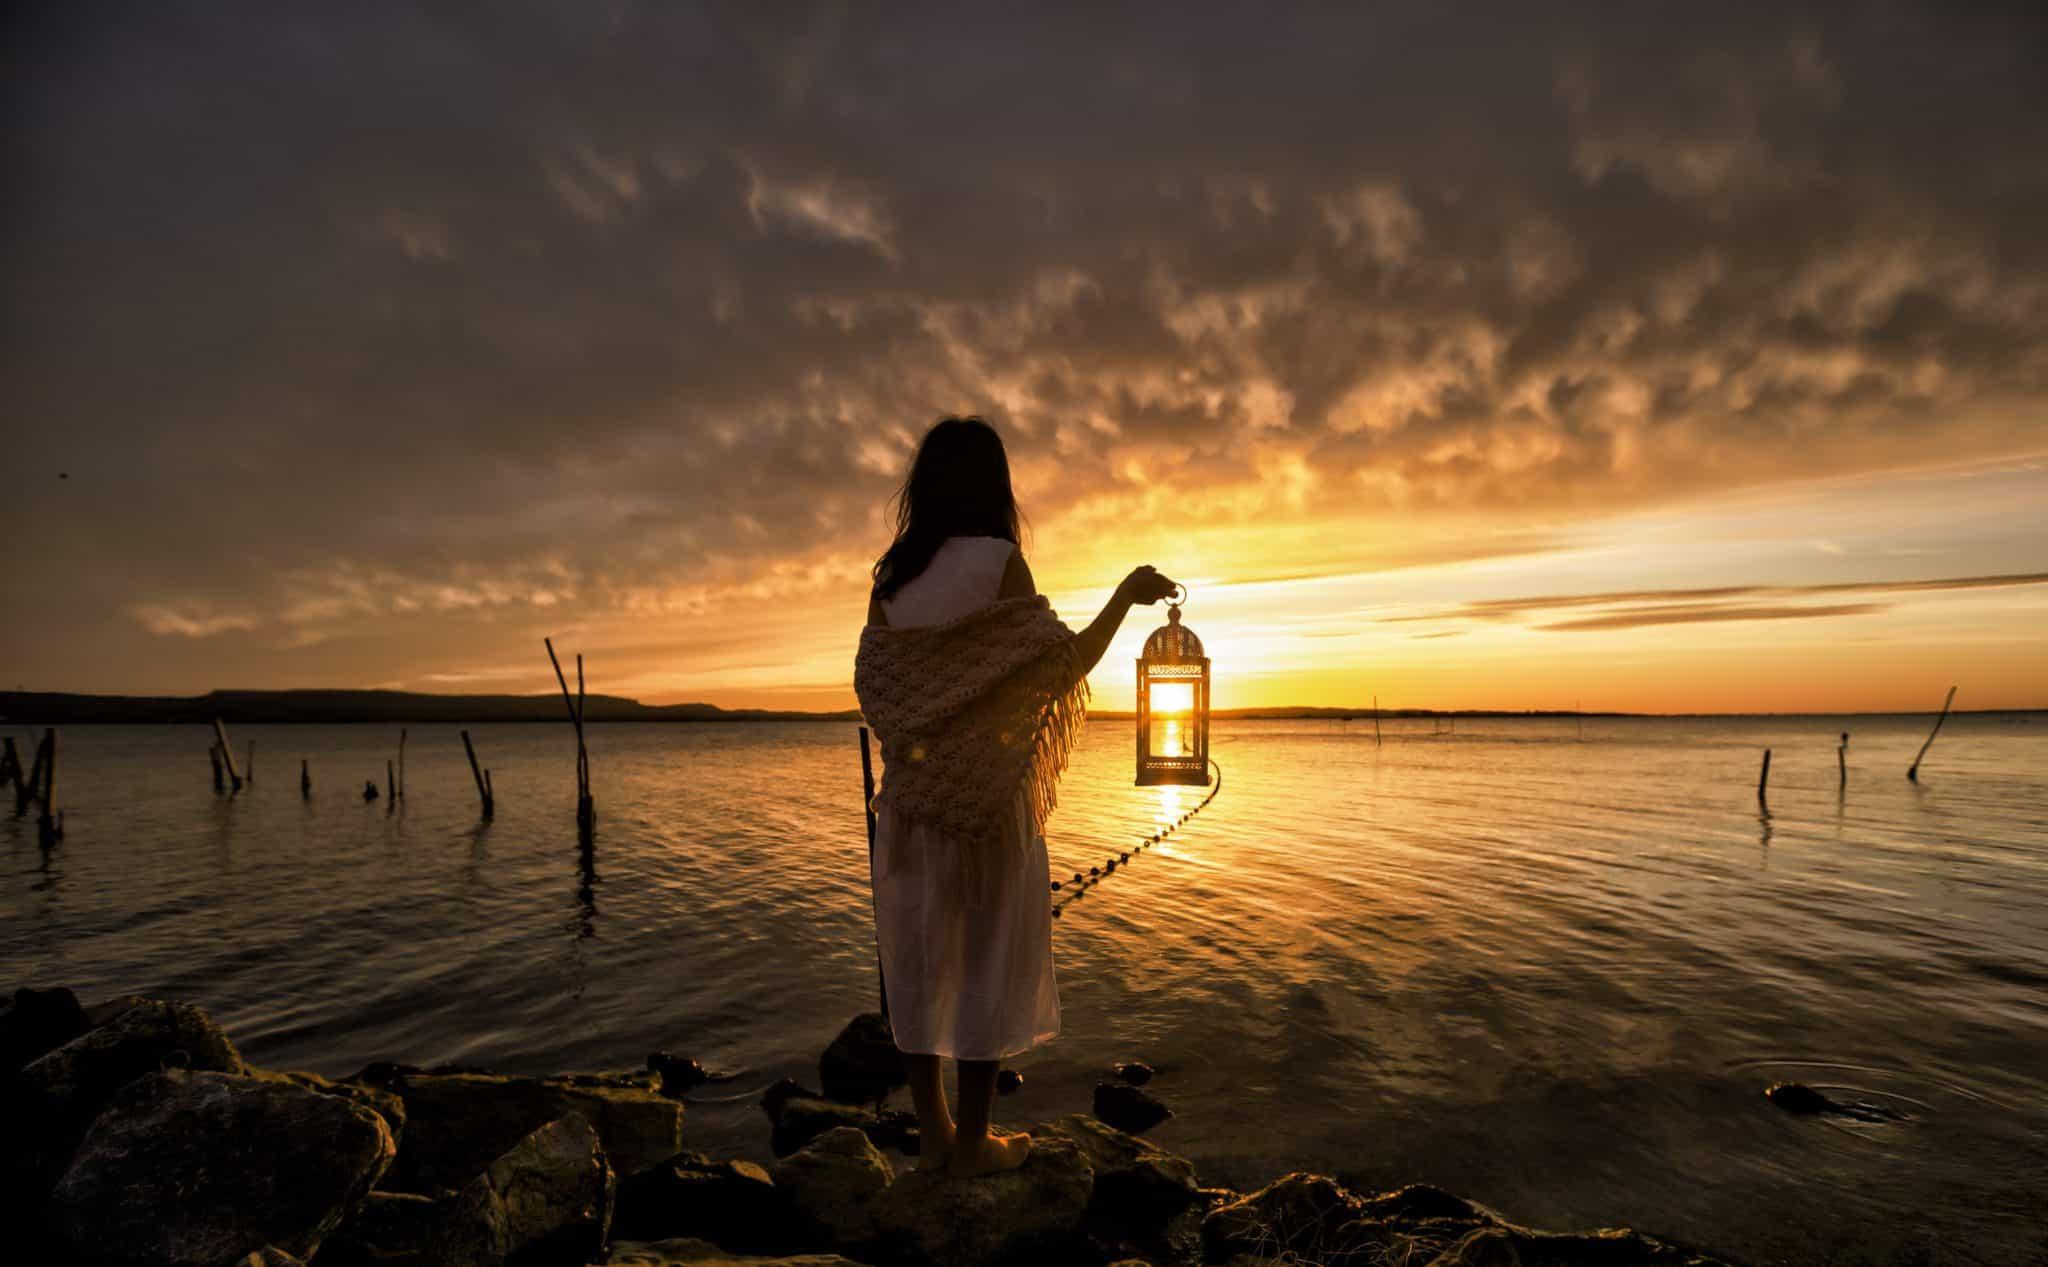 Линия судьбы: наше предназначение и целеустремленность - Школа астрологии LAKSHMI